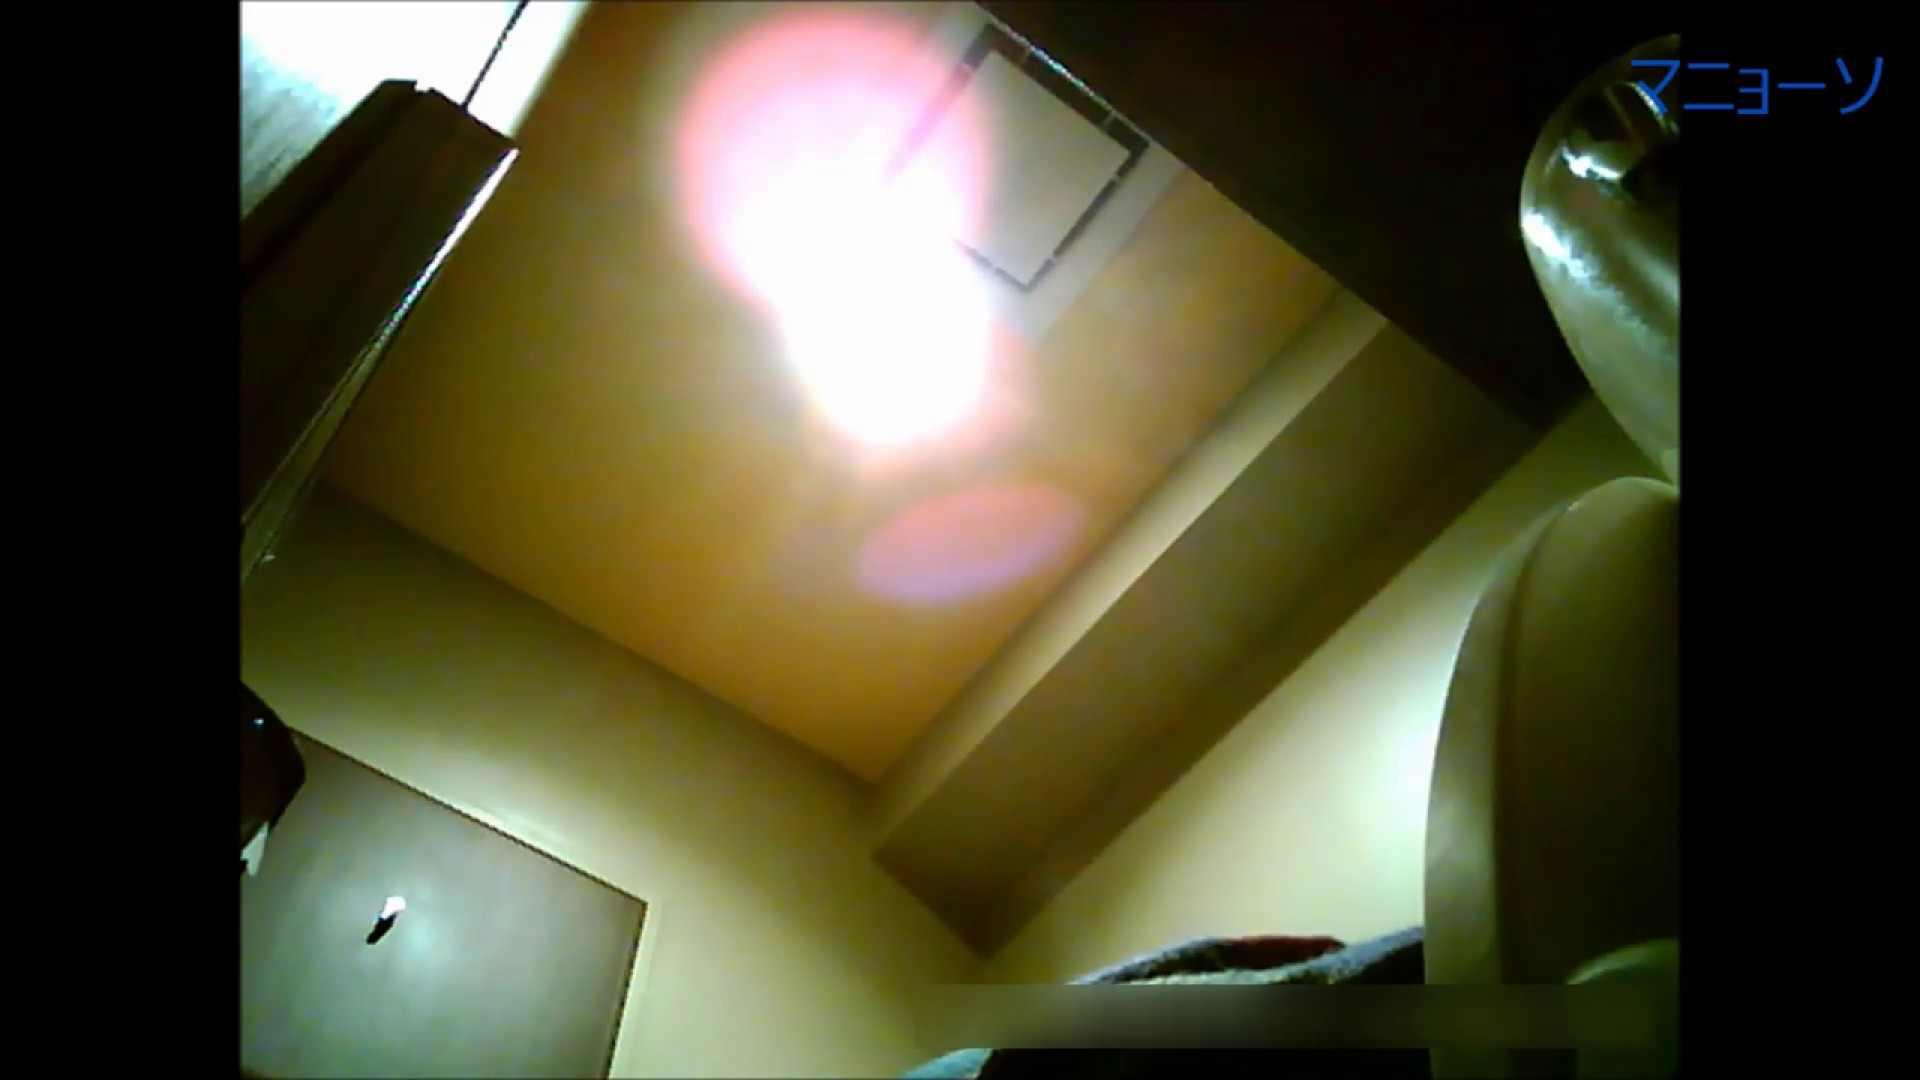 トイレでひと肌脱いでもらいました (JD編)Vol.02 トイレ | OLの実態  80pic 25